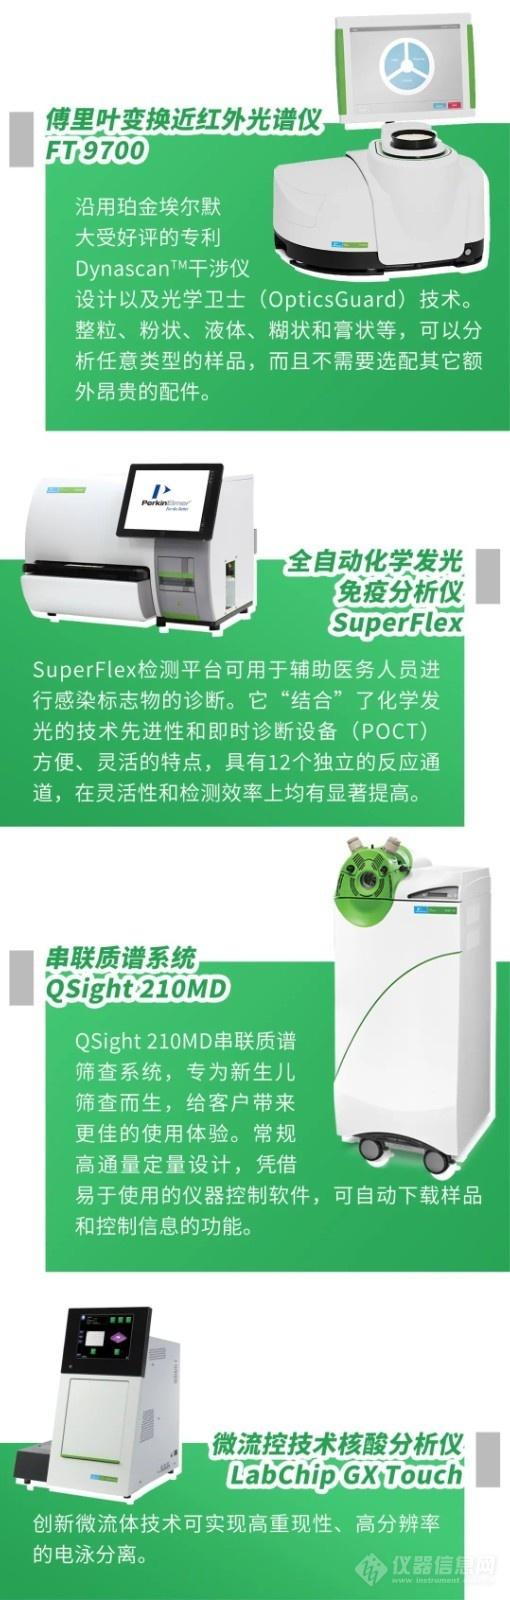 WeChat Image_20201015102552.jpg